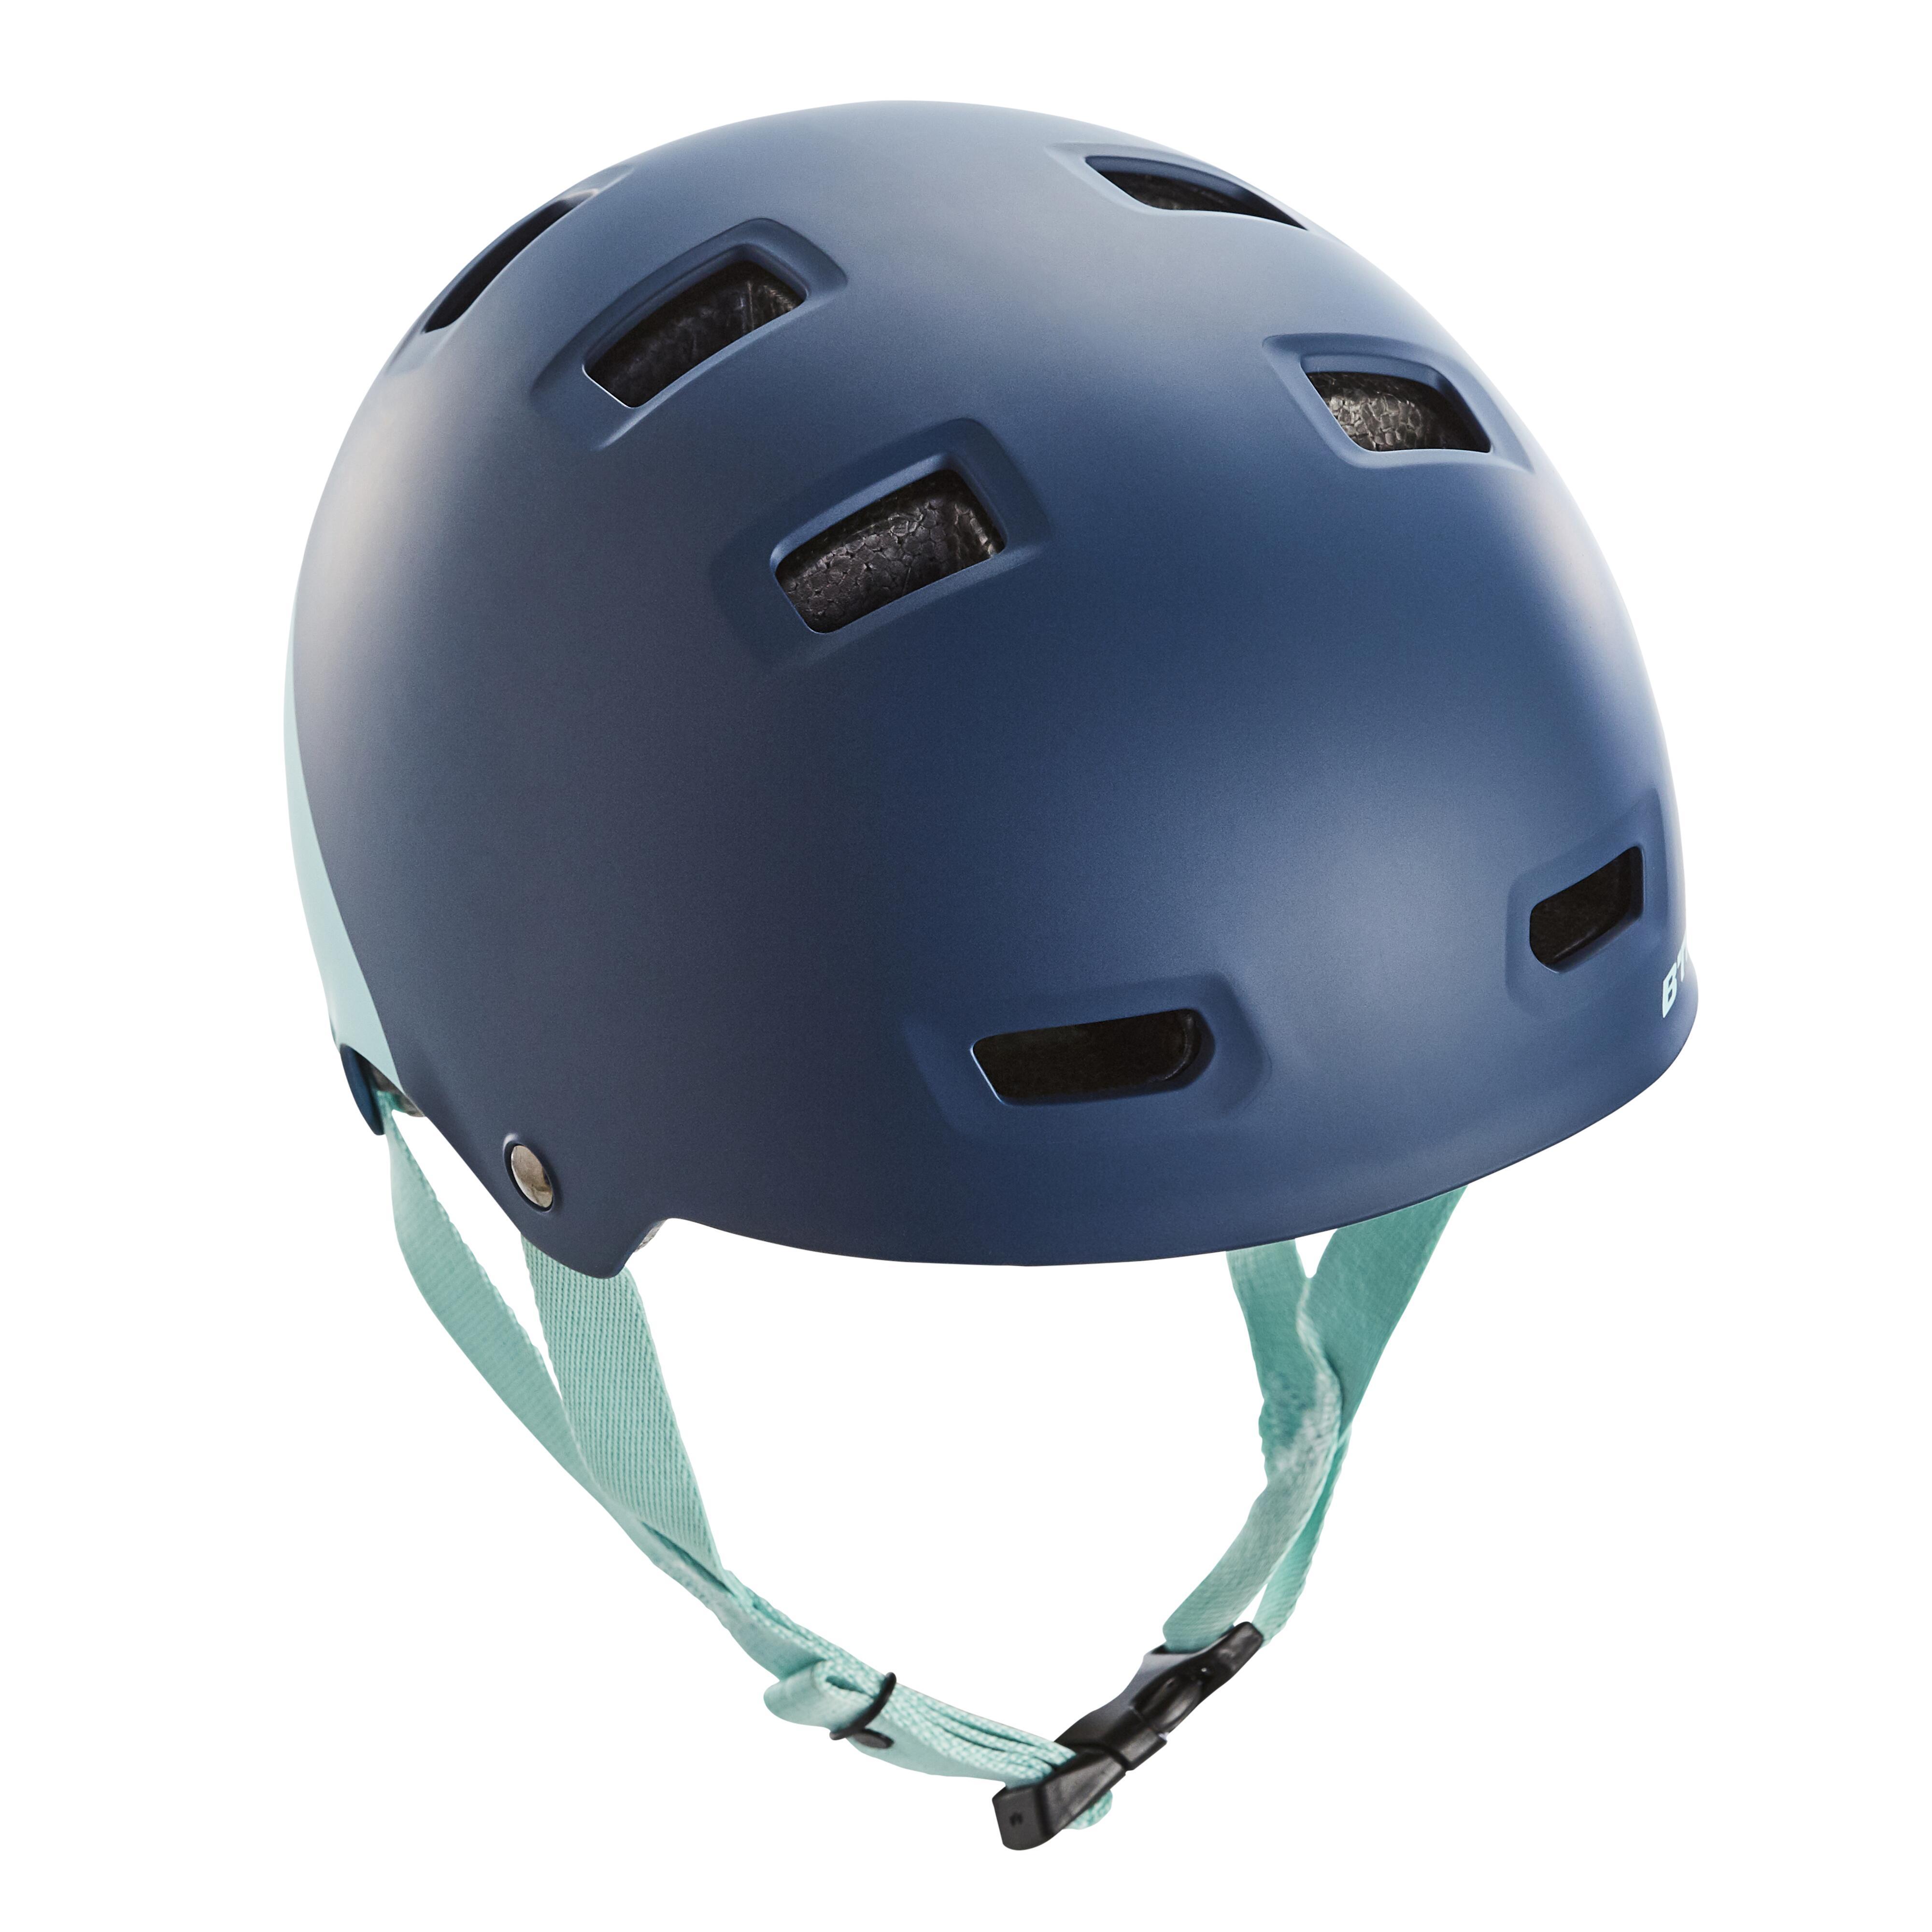 Cască ciclism Teen 520 XS